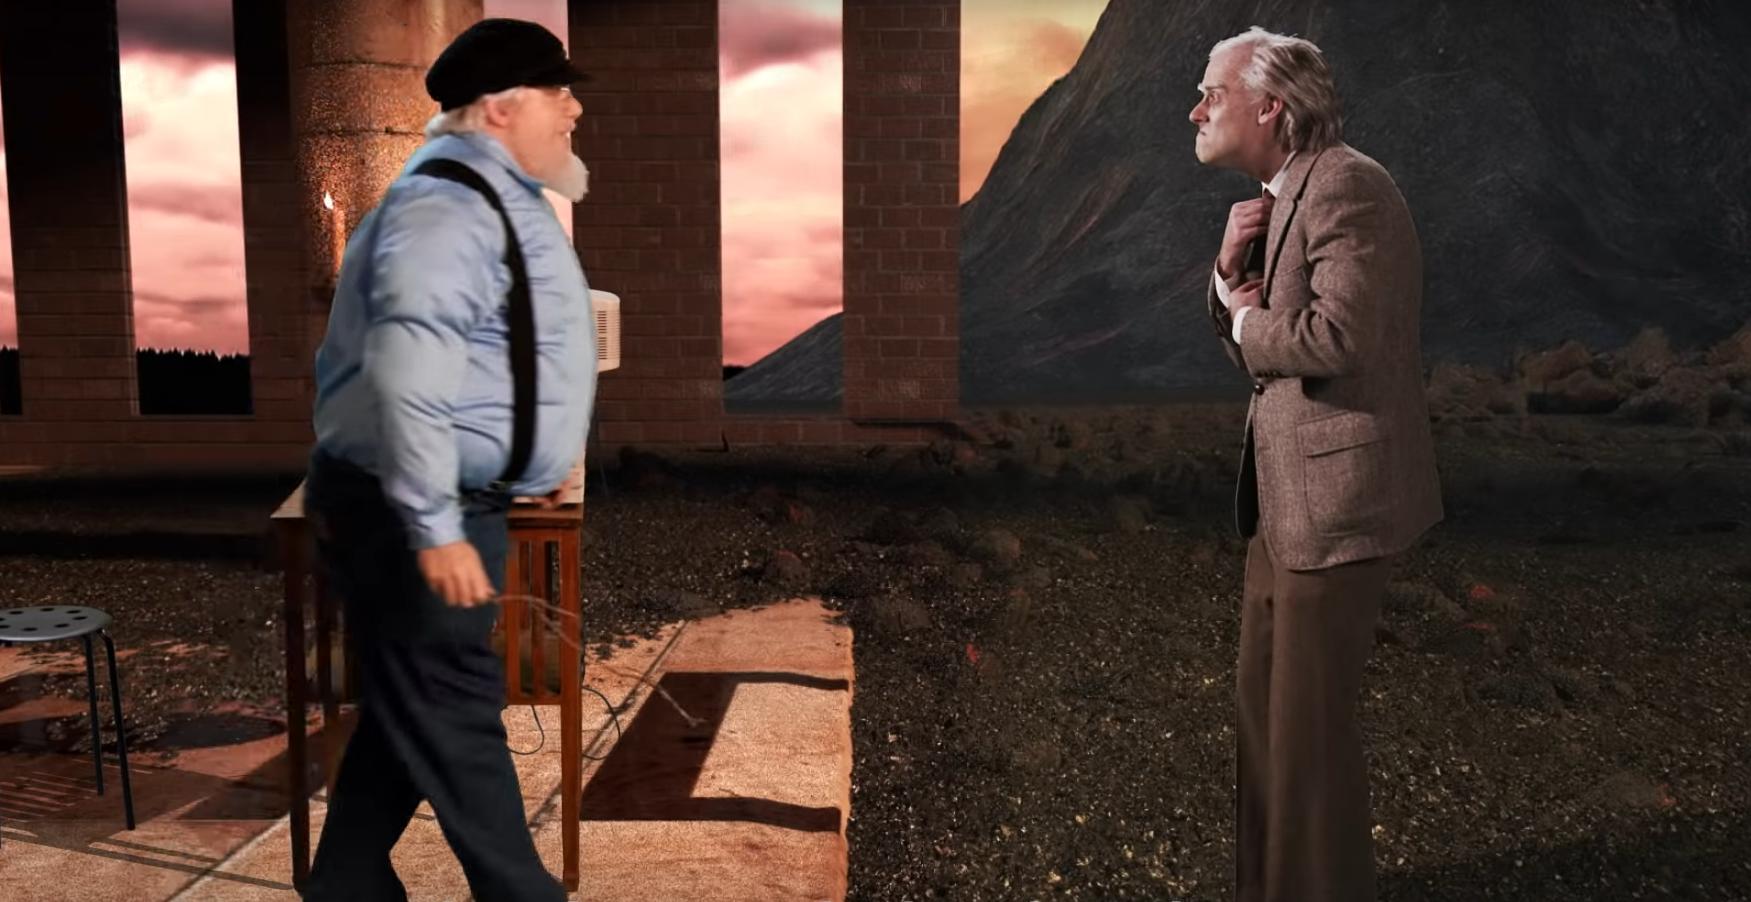 Джордж Мартин признался в люби к «Властелину колец», но раскритиковал книгу за отдельные недочёты